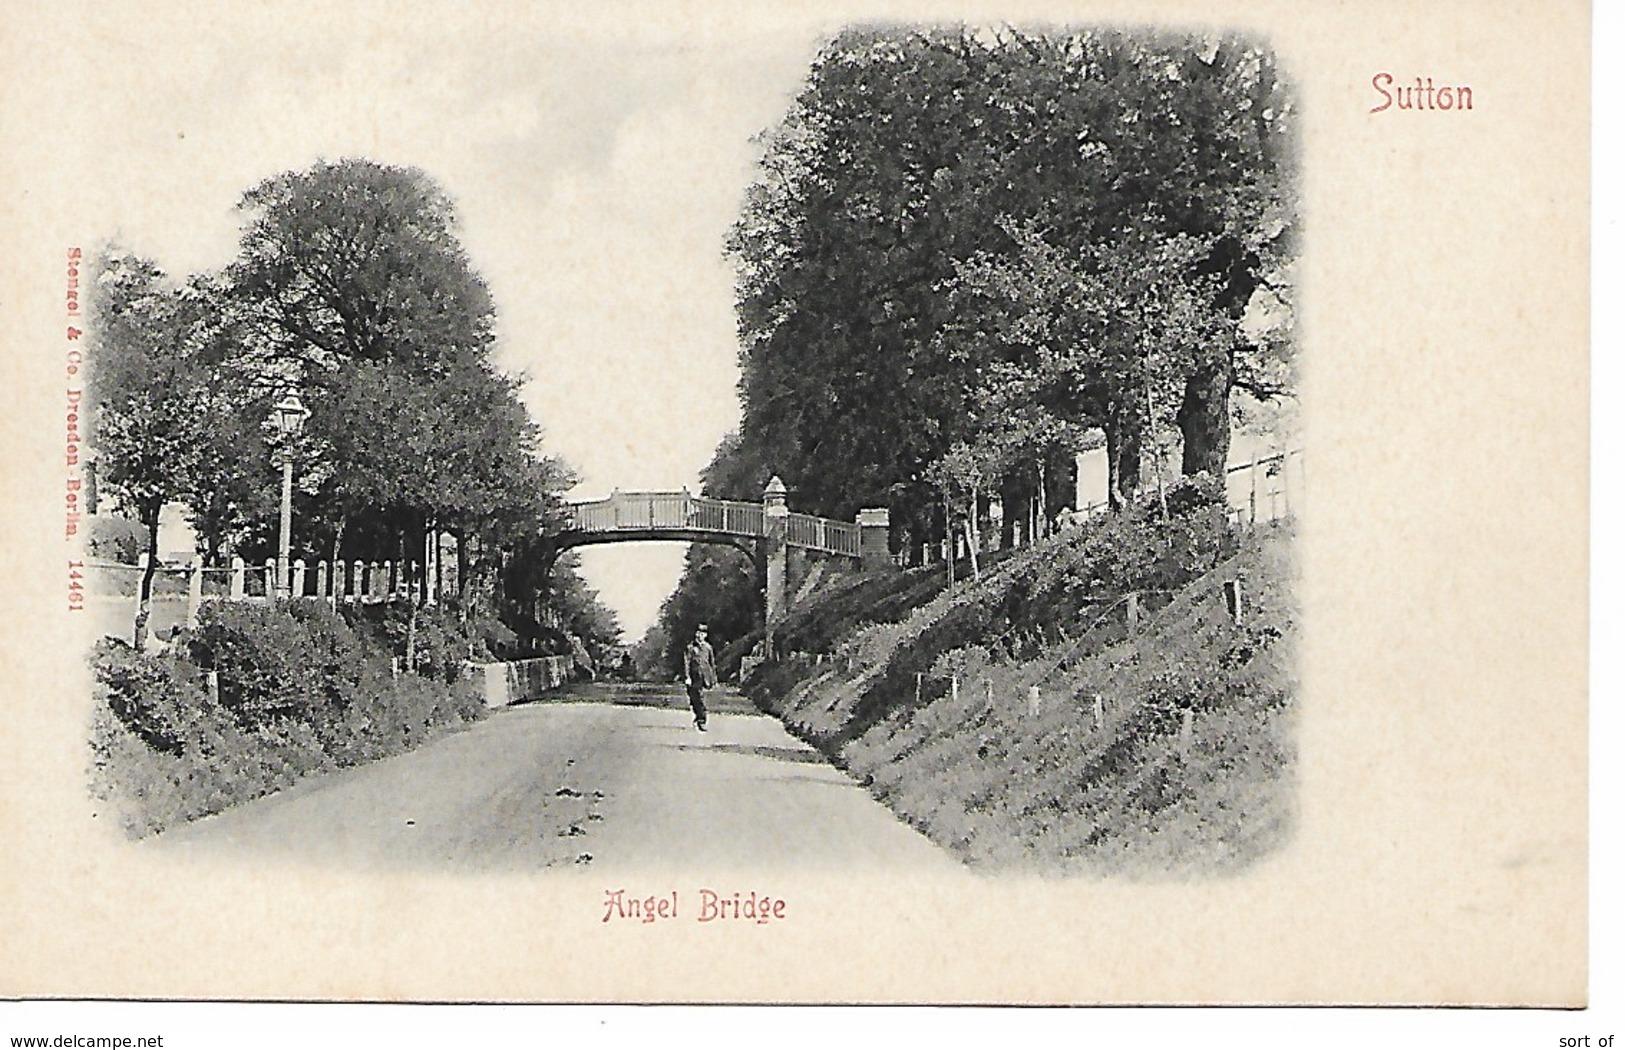 SURREY - SUTTON - ANGEL BRIDGE - B214 - Surrey